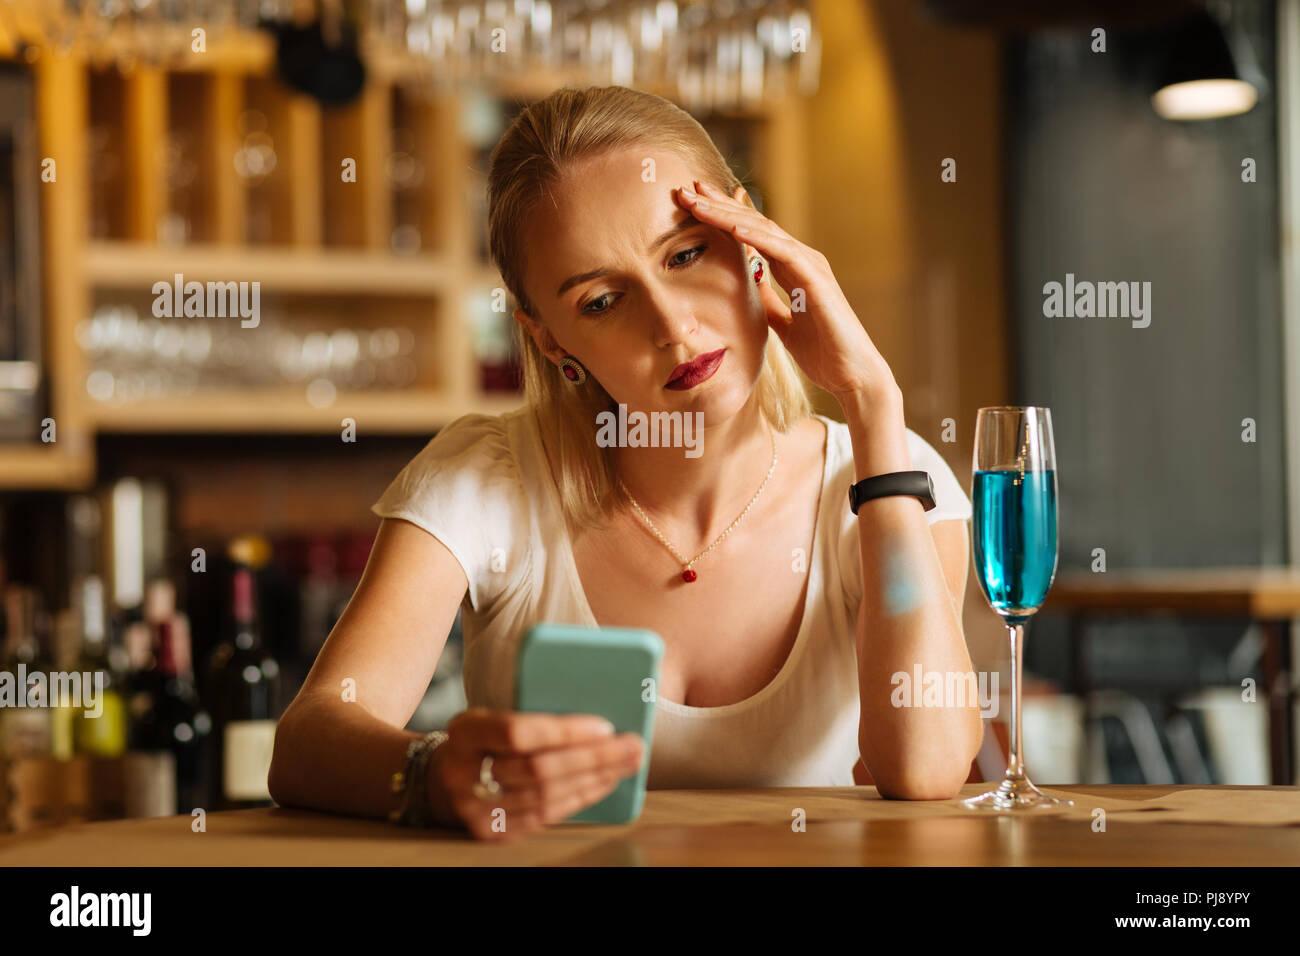 Déprimé triste femme étant de mauvaise humeur Photo Stock